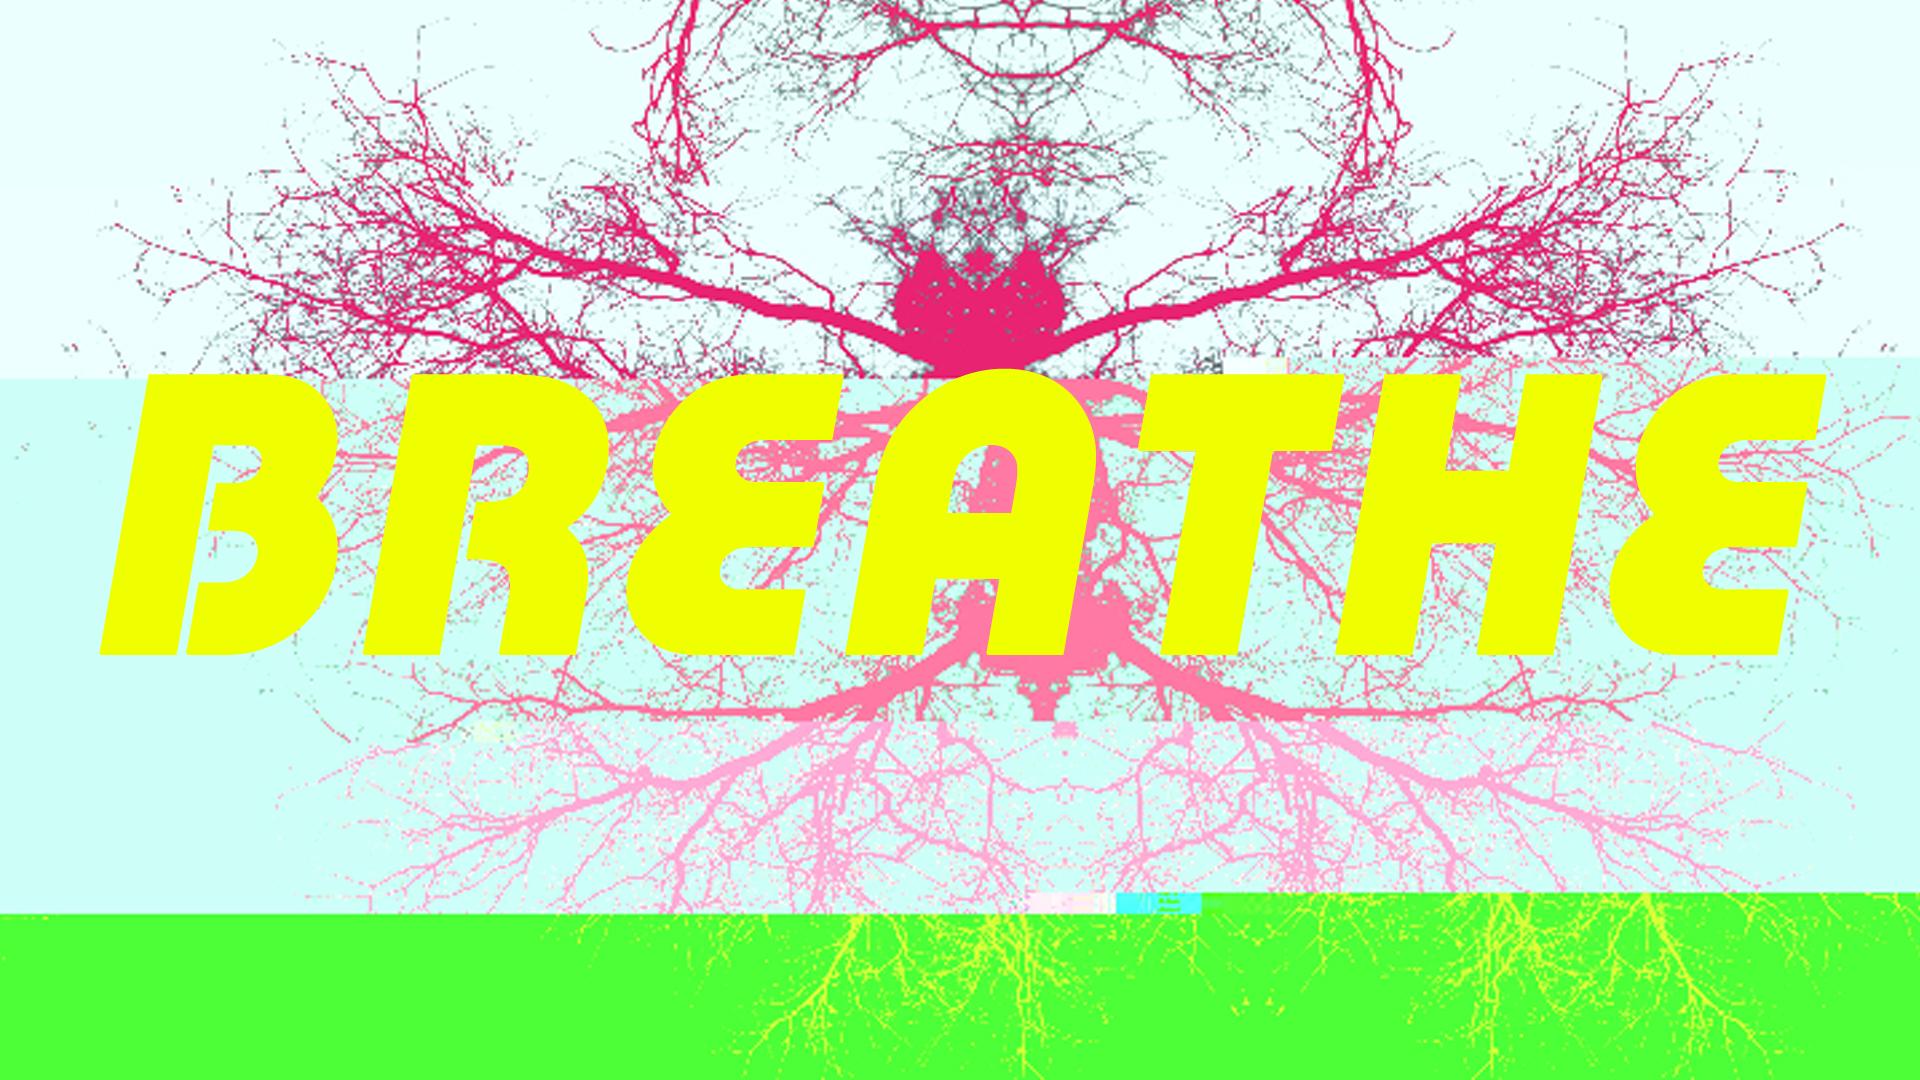 BREATHE_010